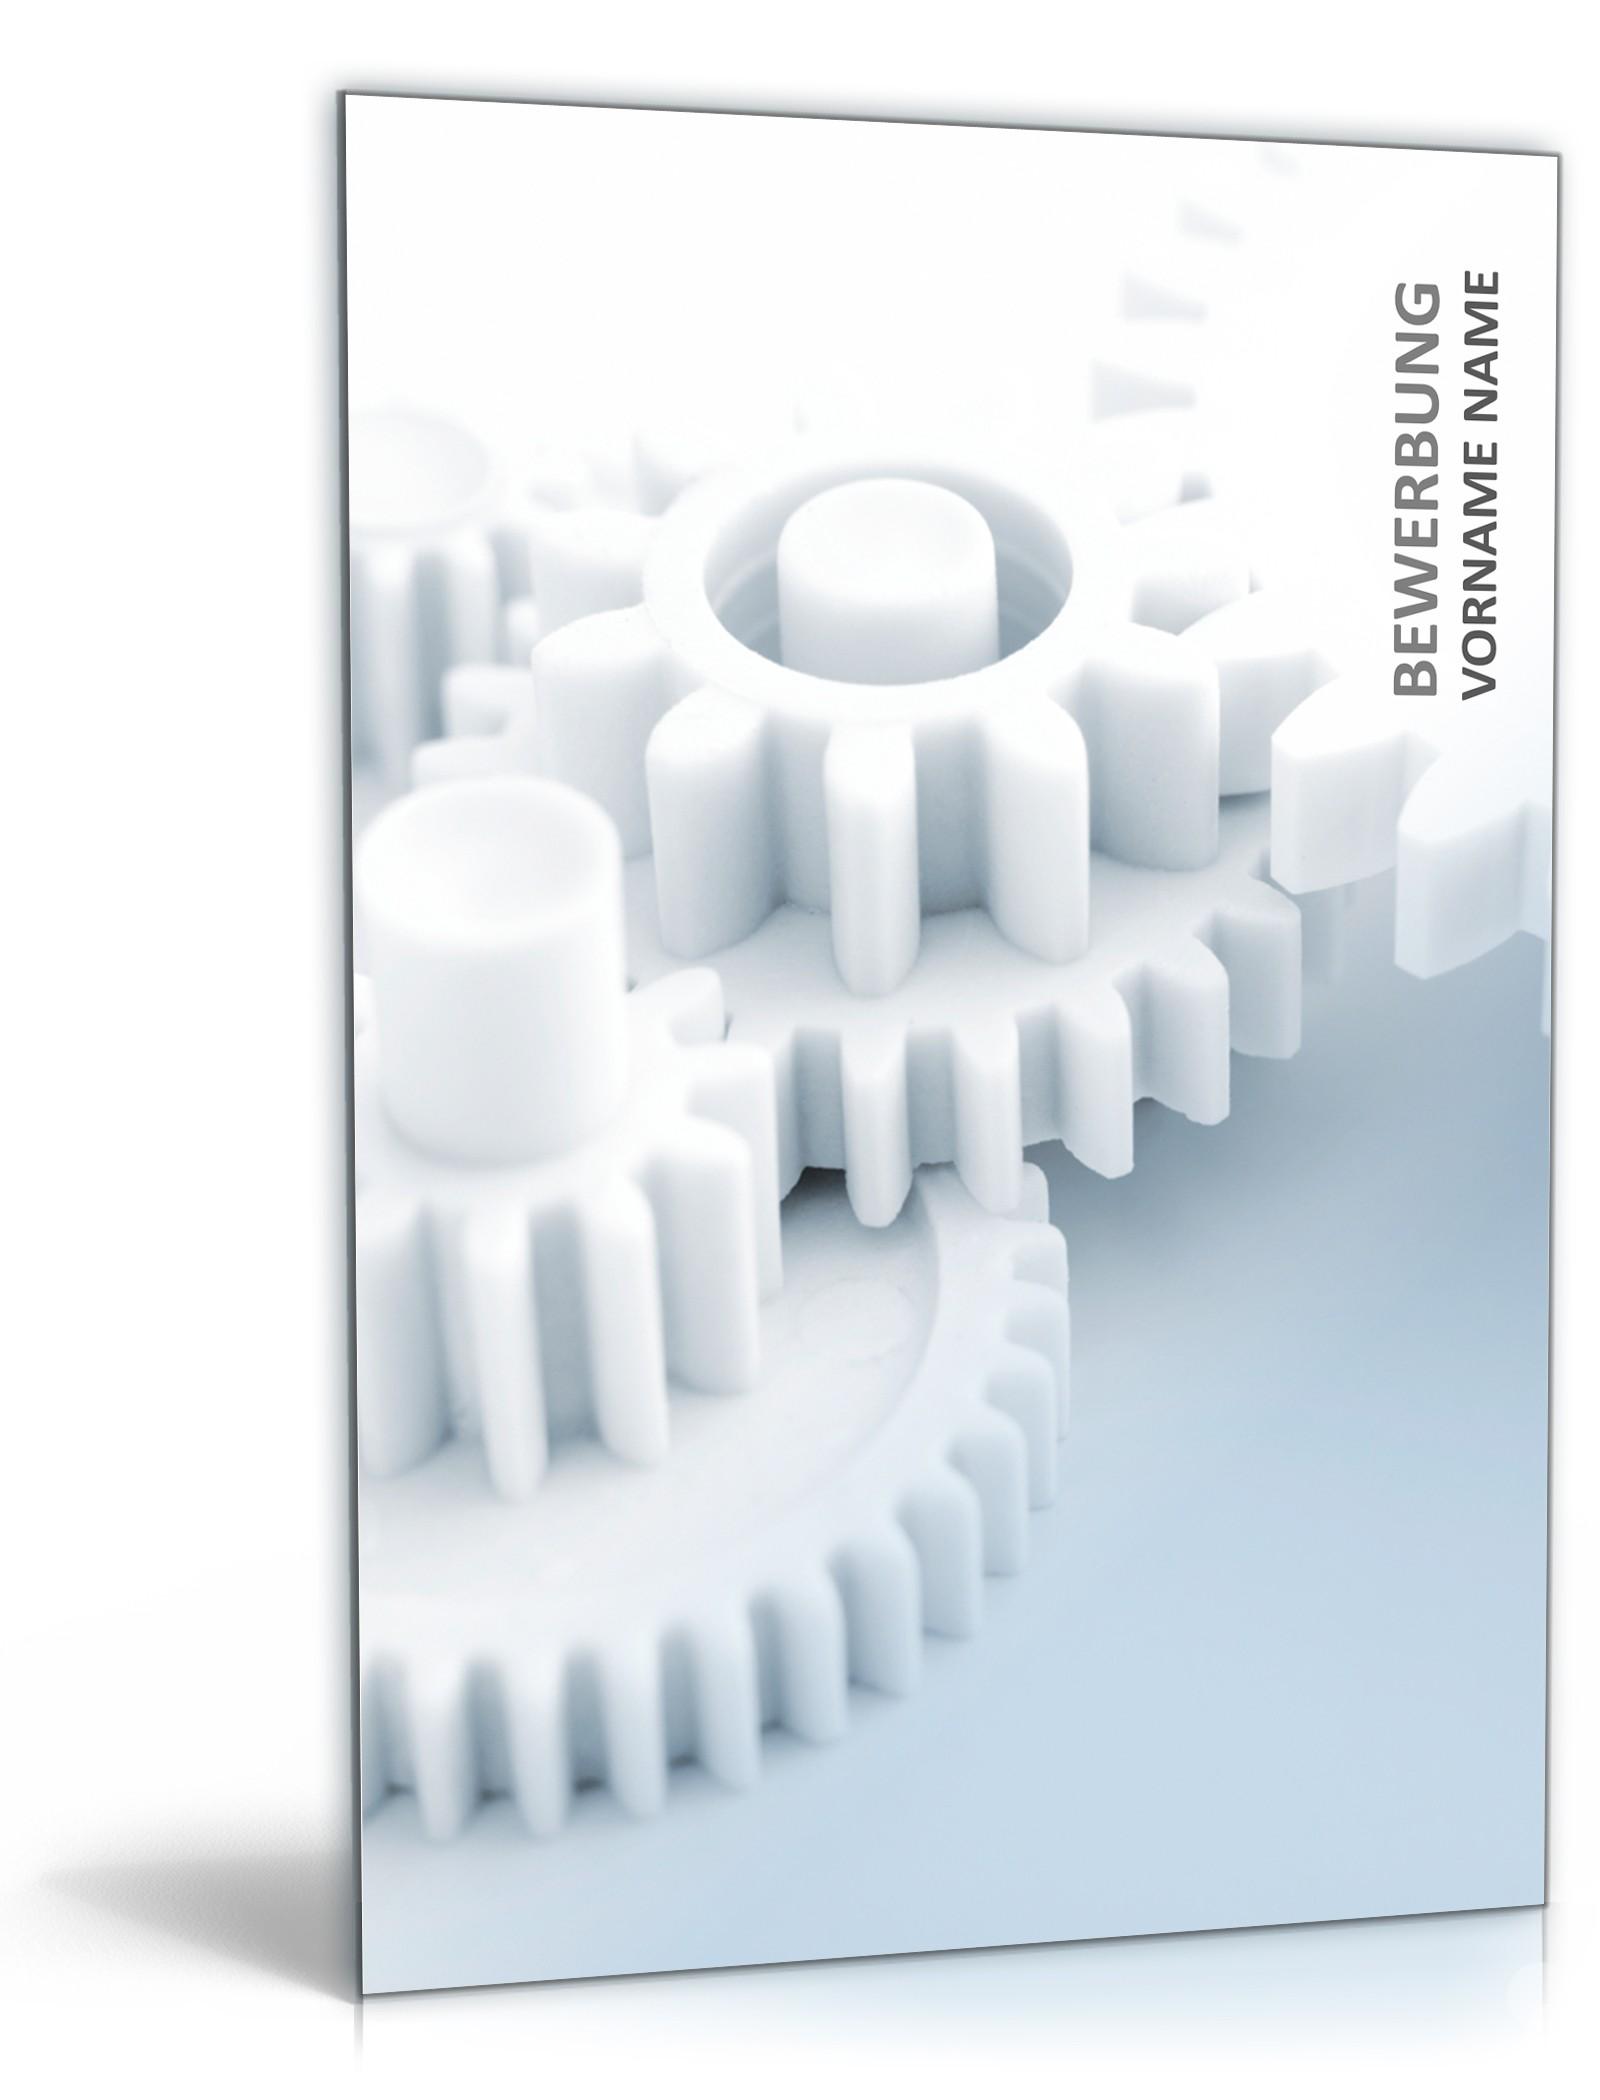 Powerpoint Vorlage Kreative Bewerbung Ingenieur Vorlage Zum Download